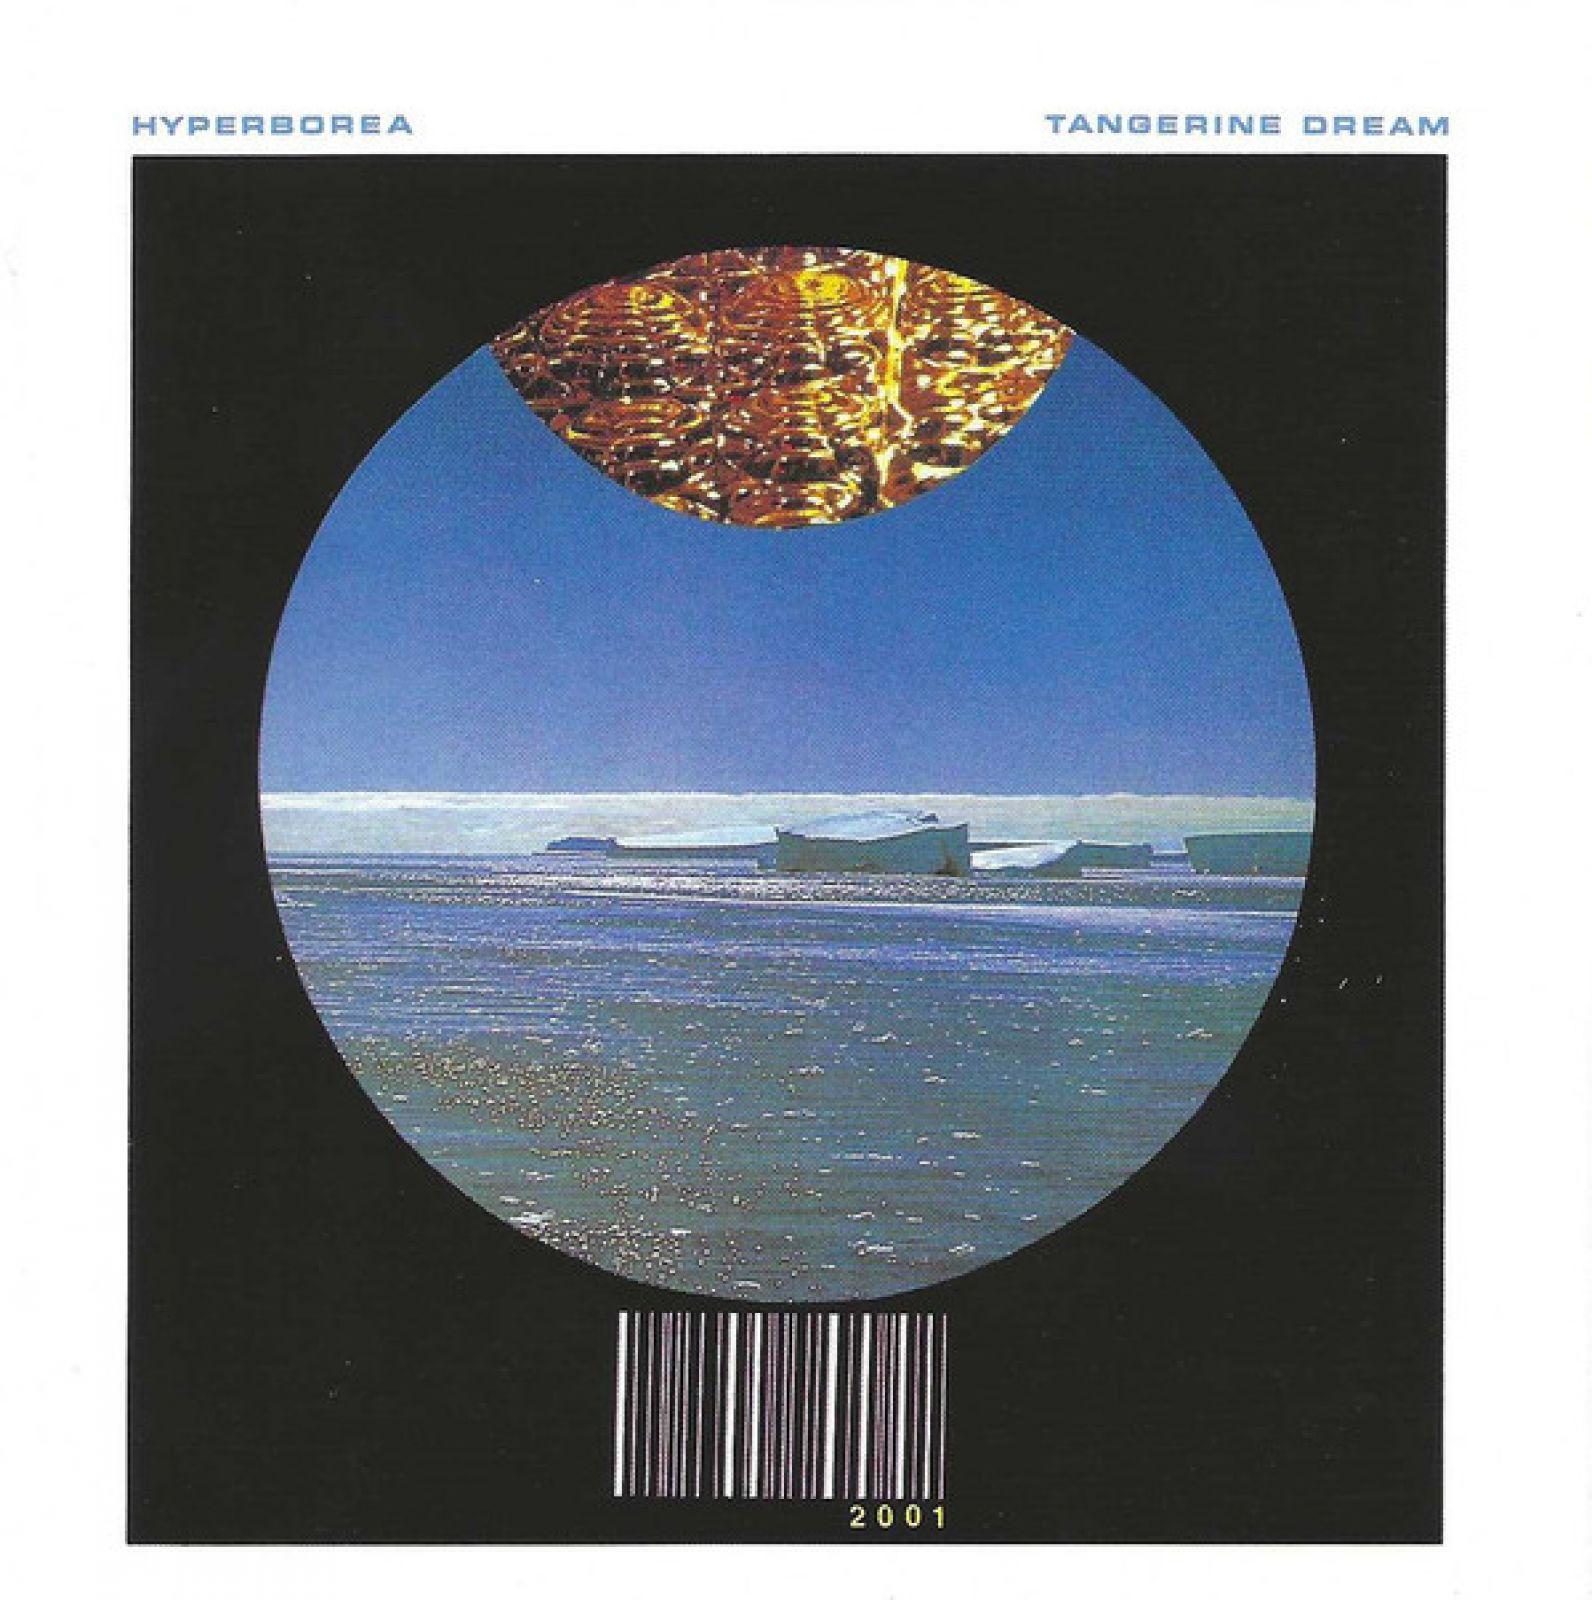 группа Tangerine Dream альбомы